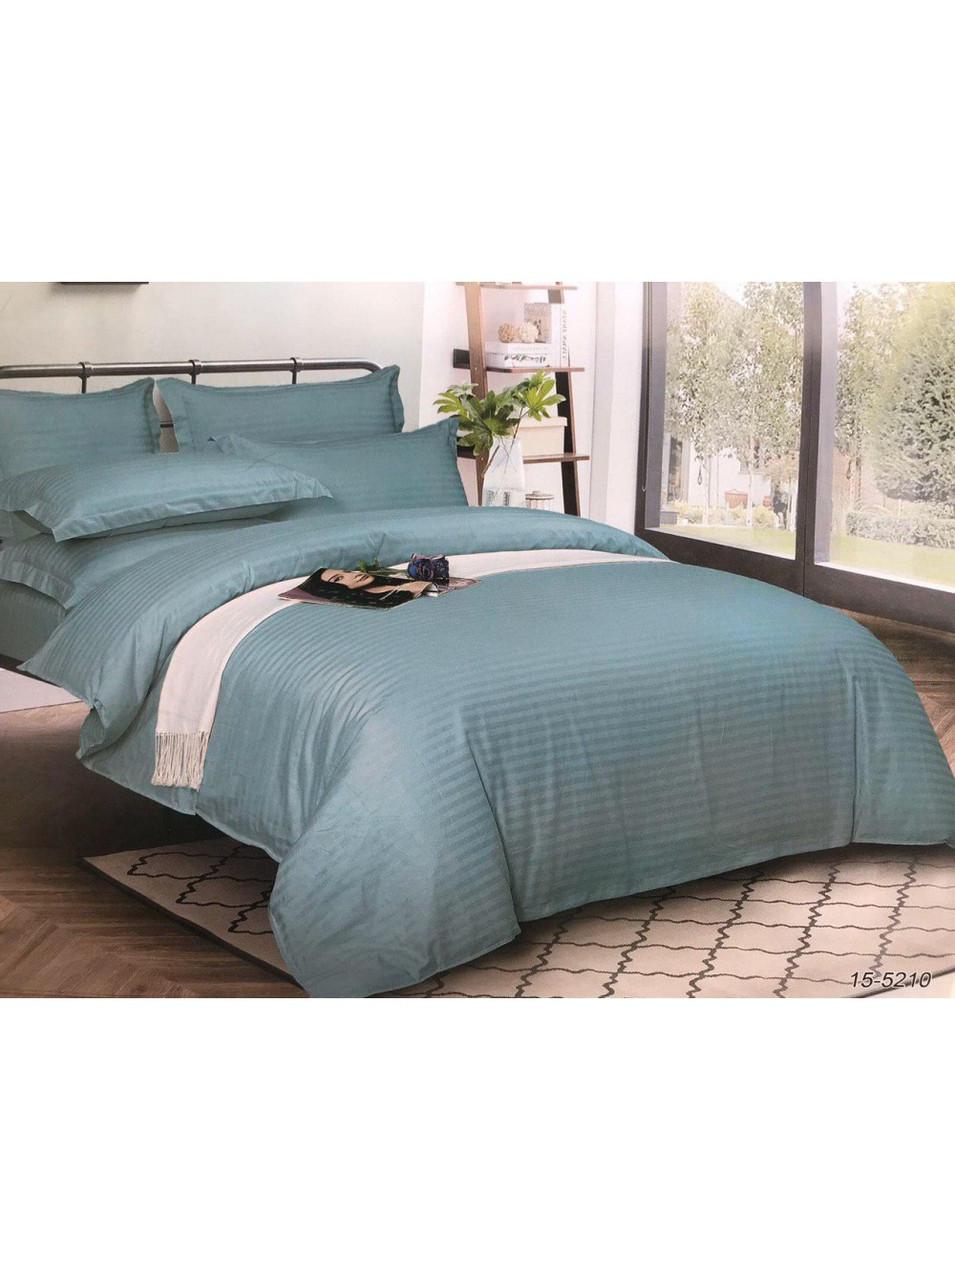 Комплект постельного белья страйп-сатин Бирюза